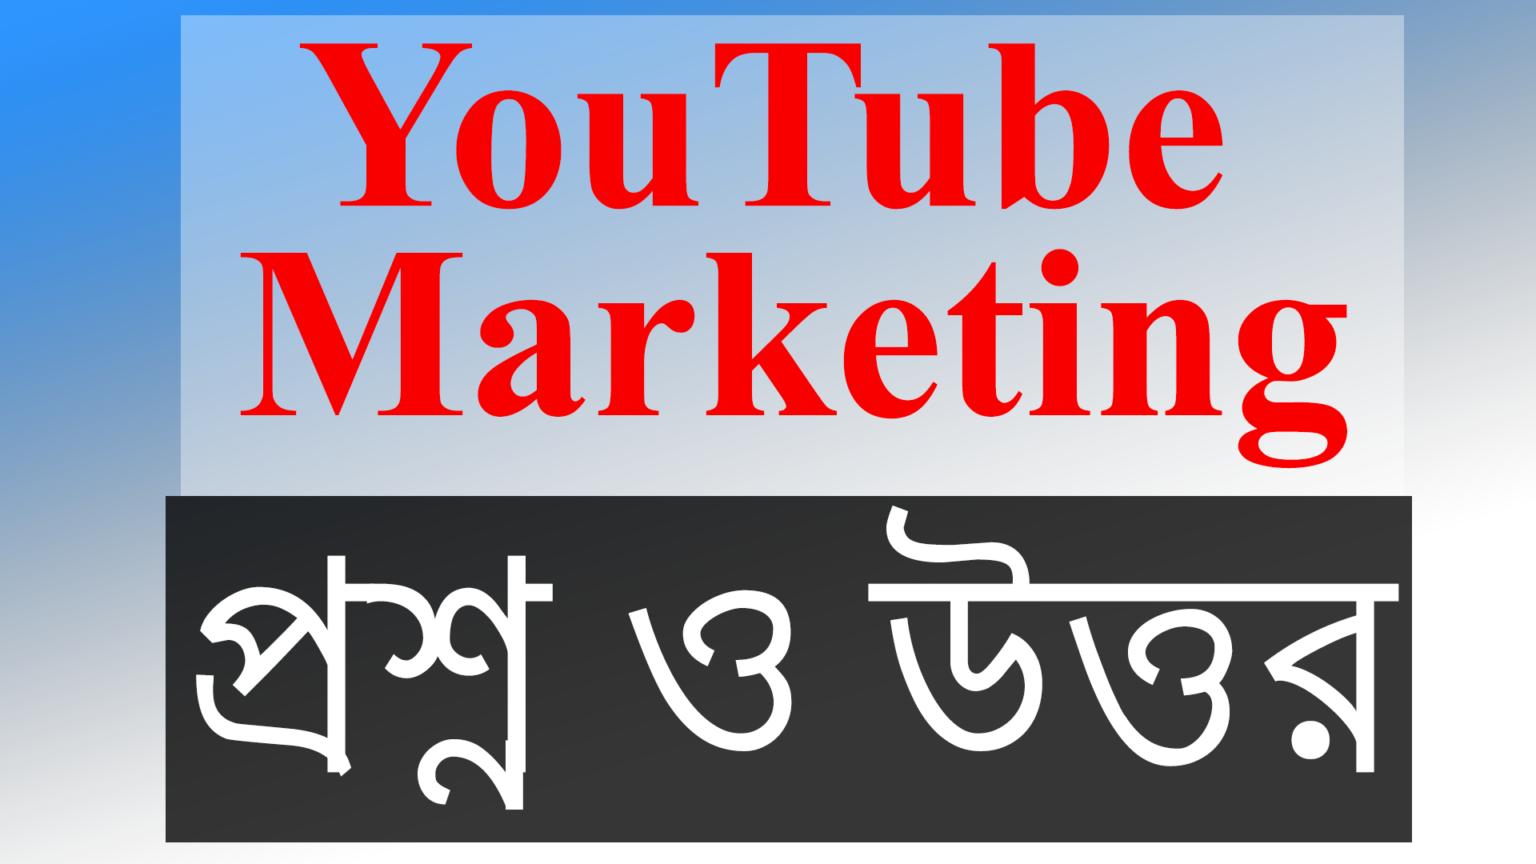 YouTube Marketing নিয়ে কমন কিছু প্রশ্ন ও উত্তর ?